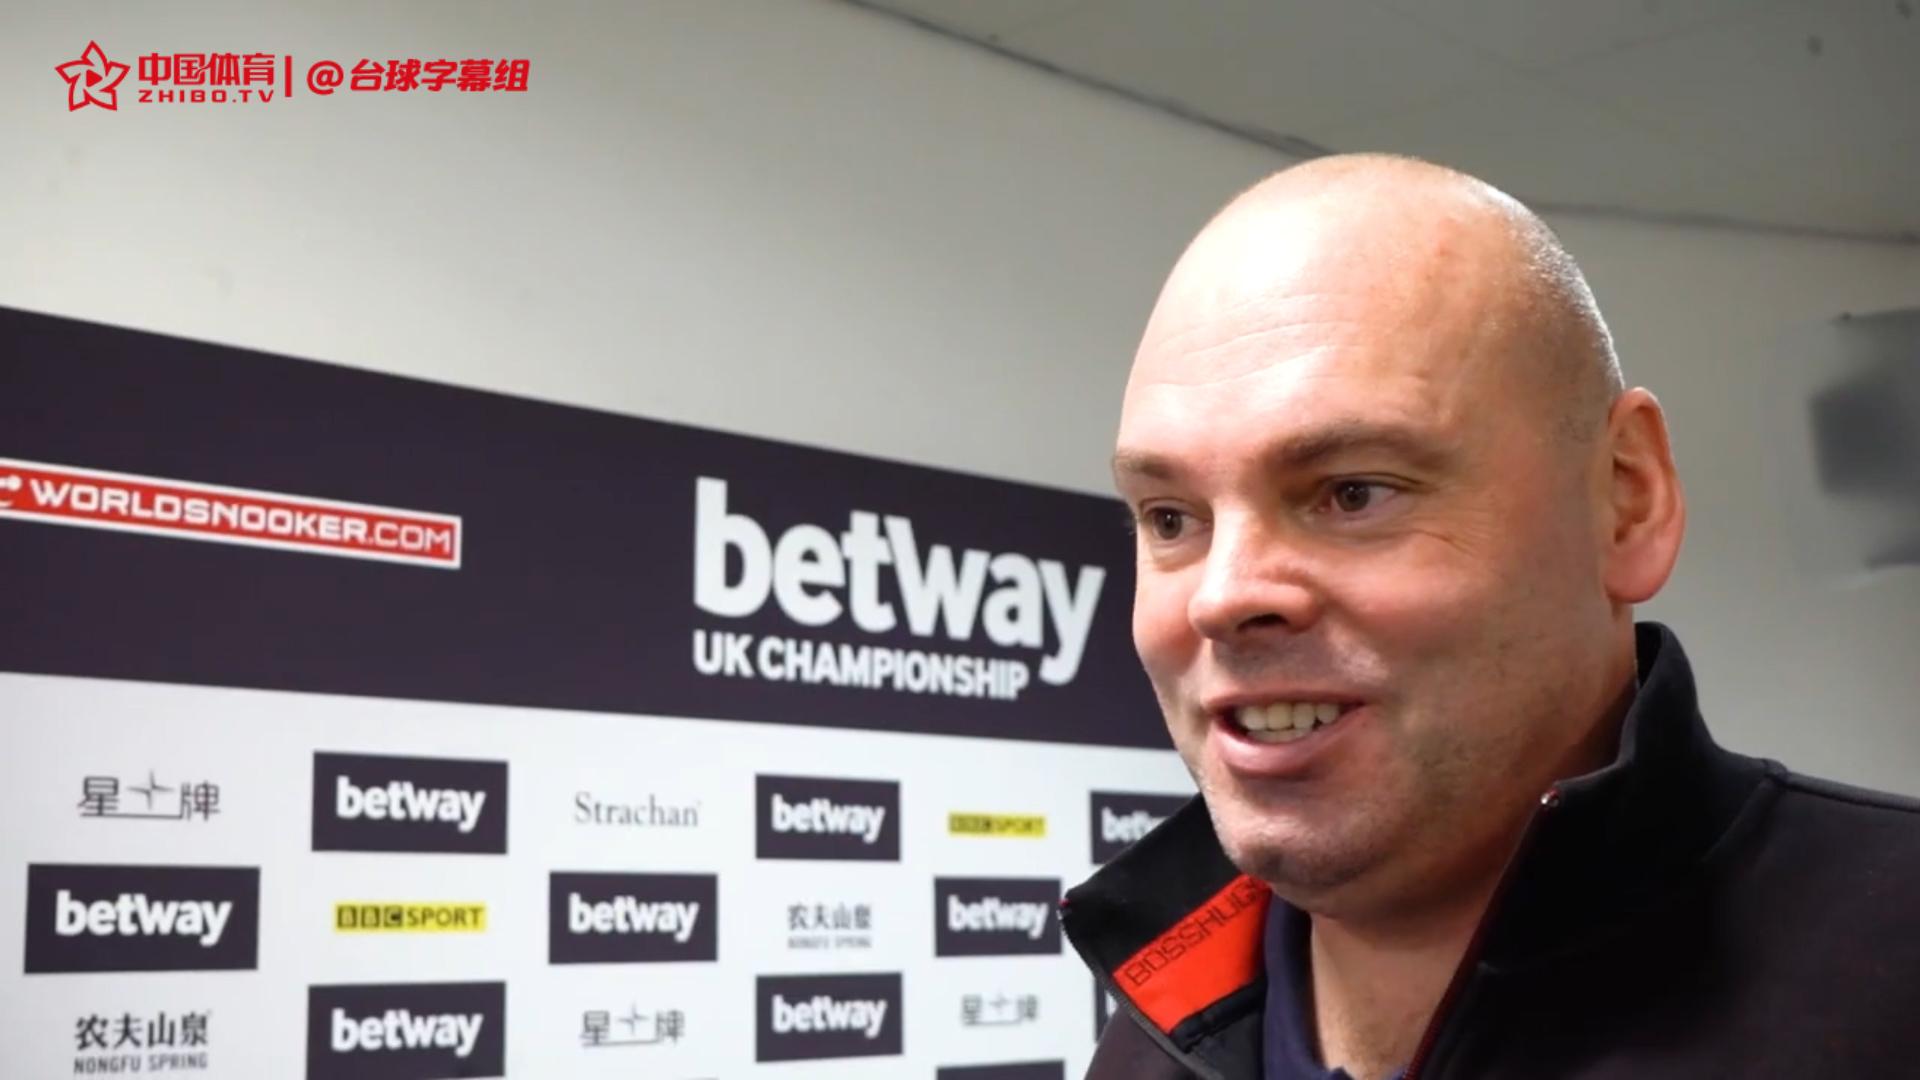 宾汉姆毫不吝惜赞扬雷佩凡:看他和奥沙利文对决就知道不一般 用尽我的经验才晋级    2019英锦赛